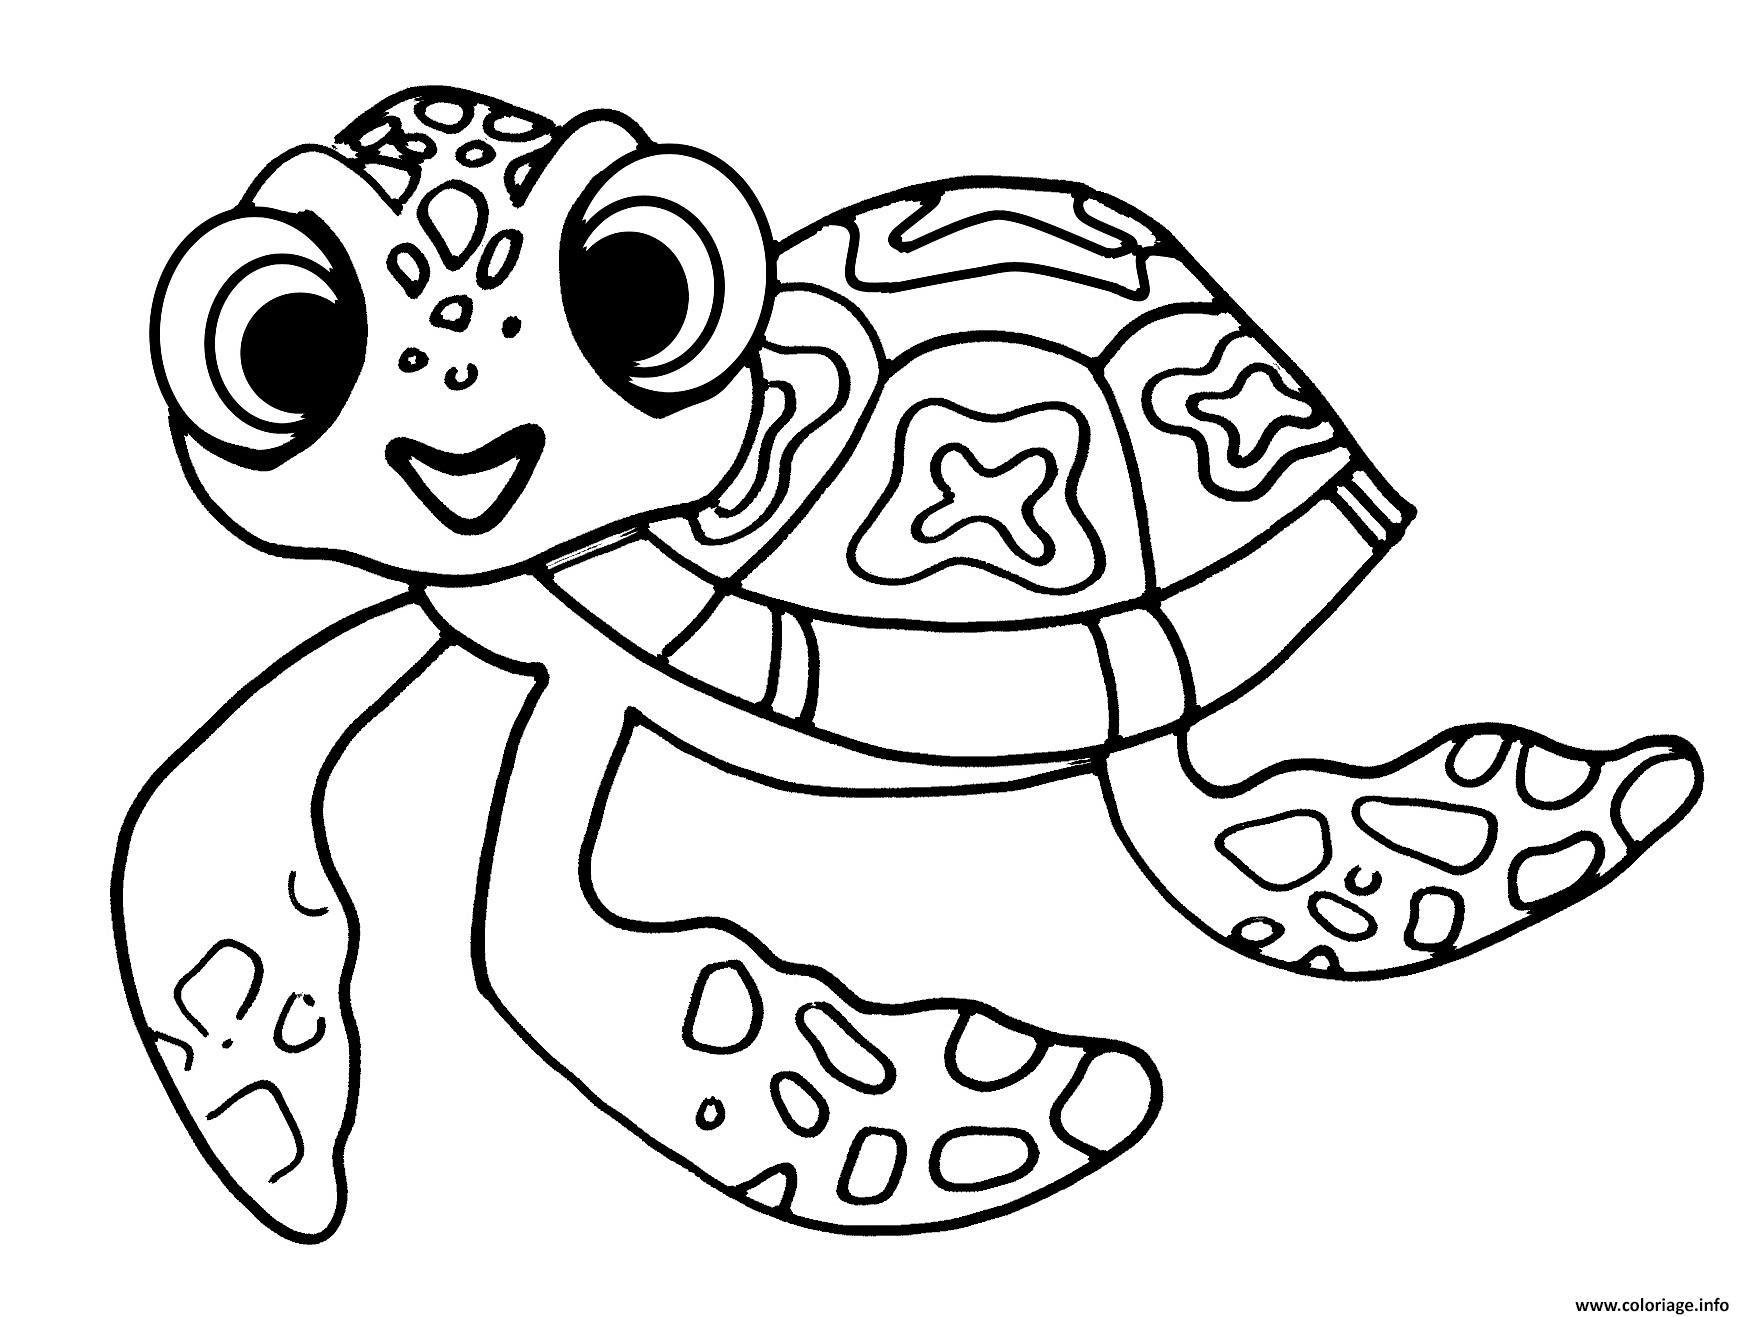 Coloriage Squirt Petite Tortue De Nemo Et Dory Jecoloriecom